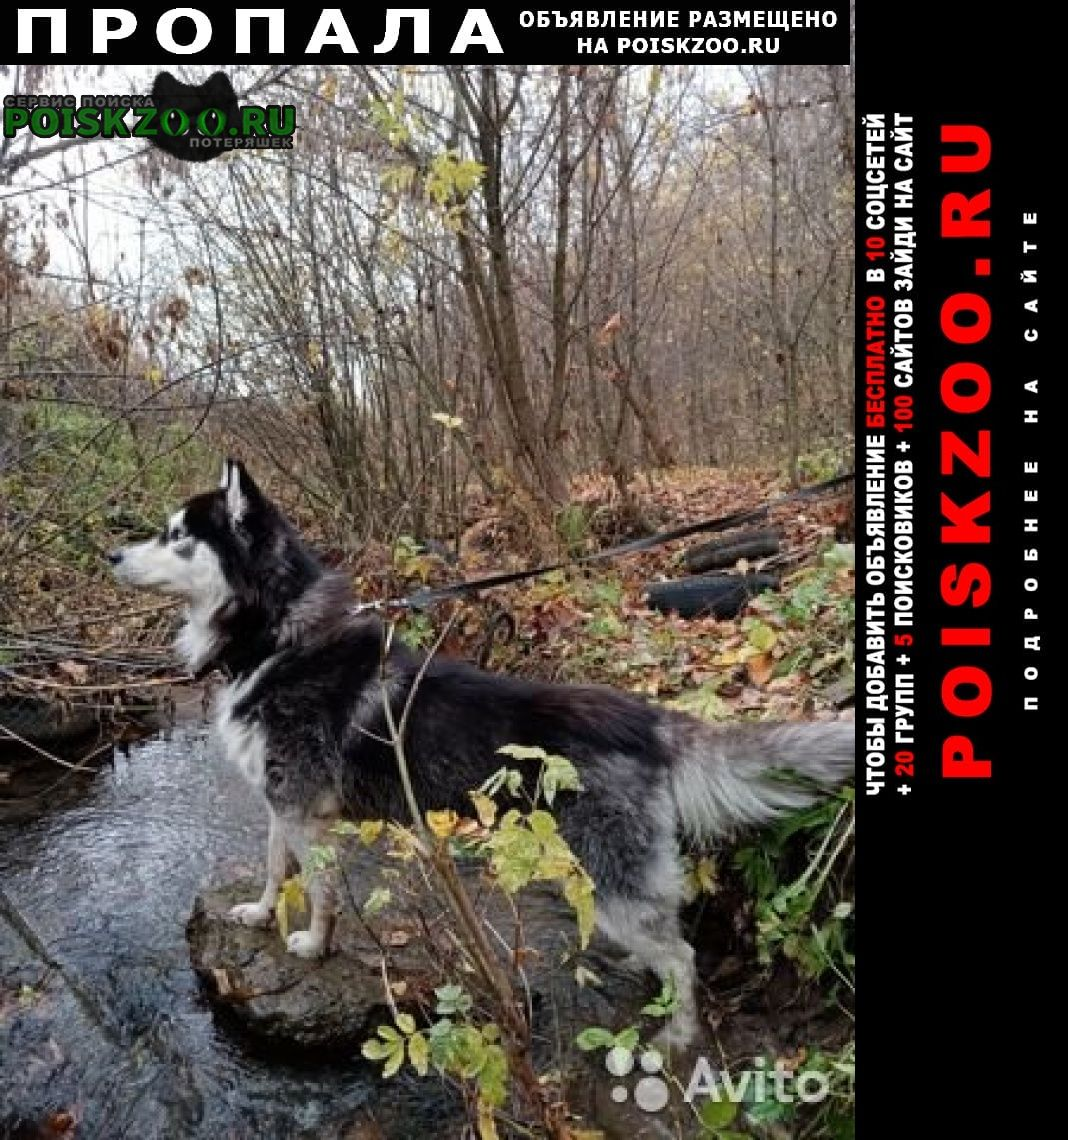 Чебоксары Пропала собака кобель пес хаски ресси